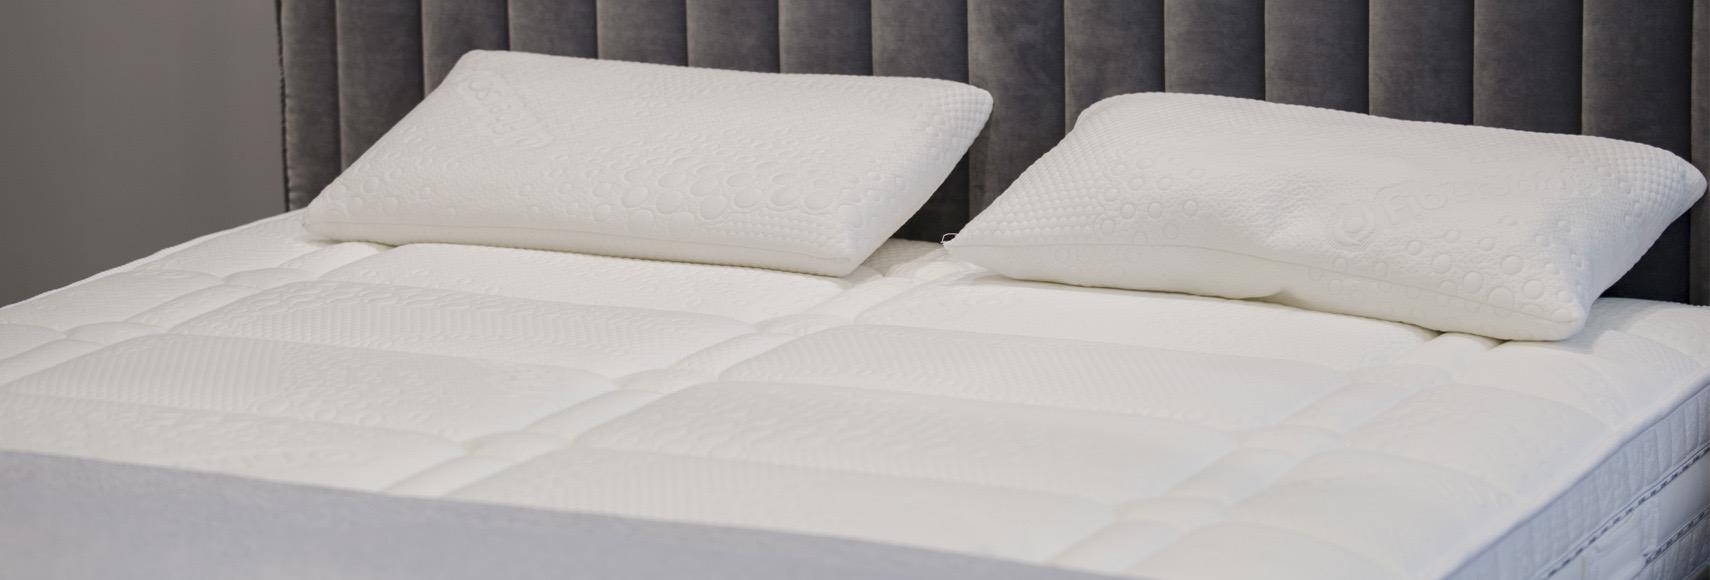 koudschuim matras kopen online